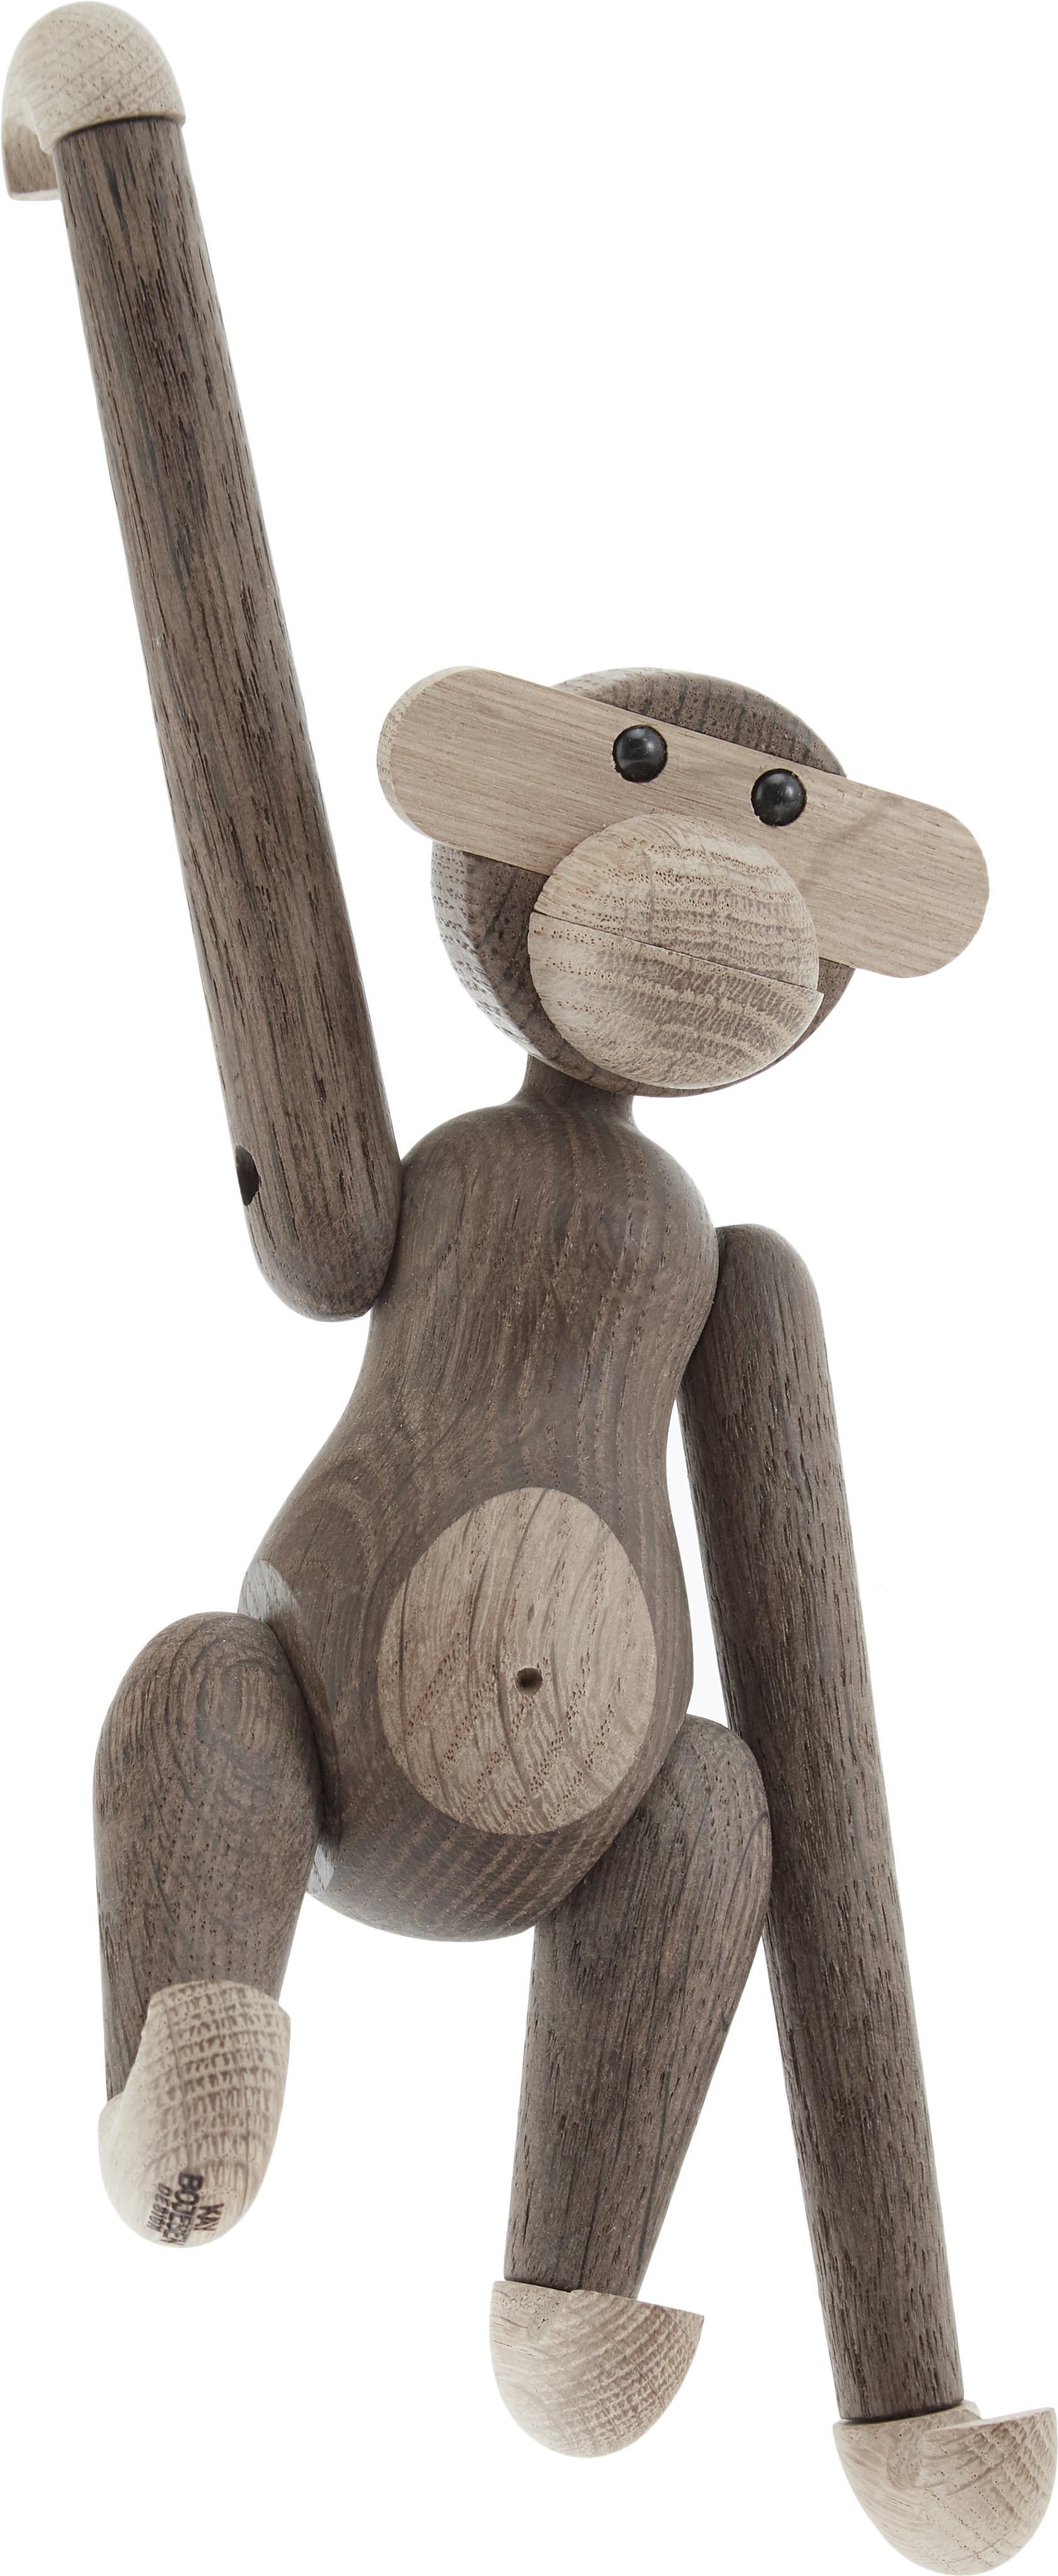 Oggetto decorativo di design Monkey, legno di quercia, Legno di quercia verniciato, Legno di quercia, Larg. 20 x Alt. 19 cm